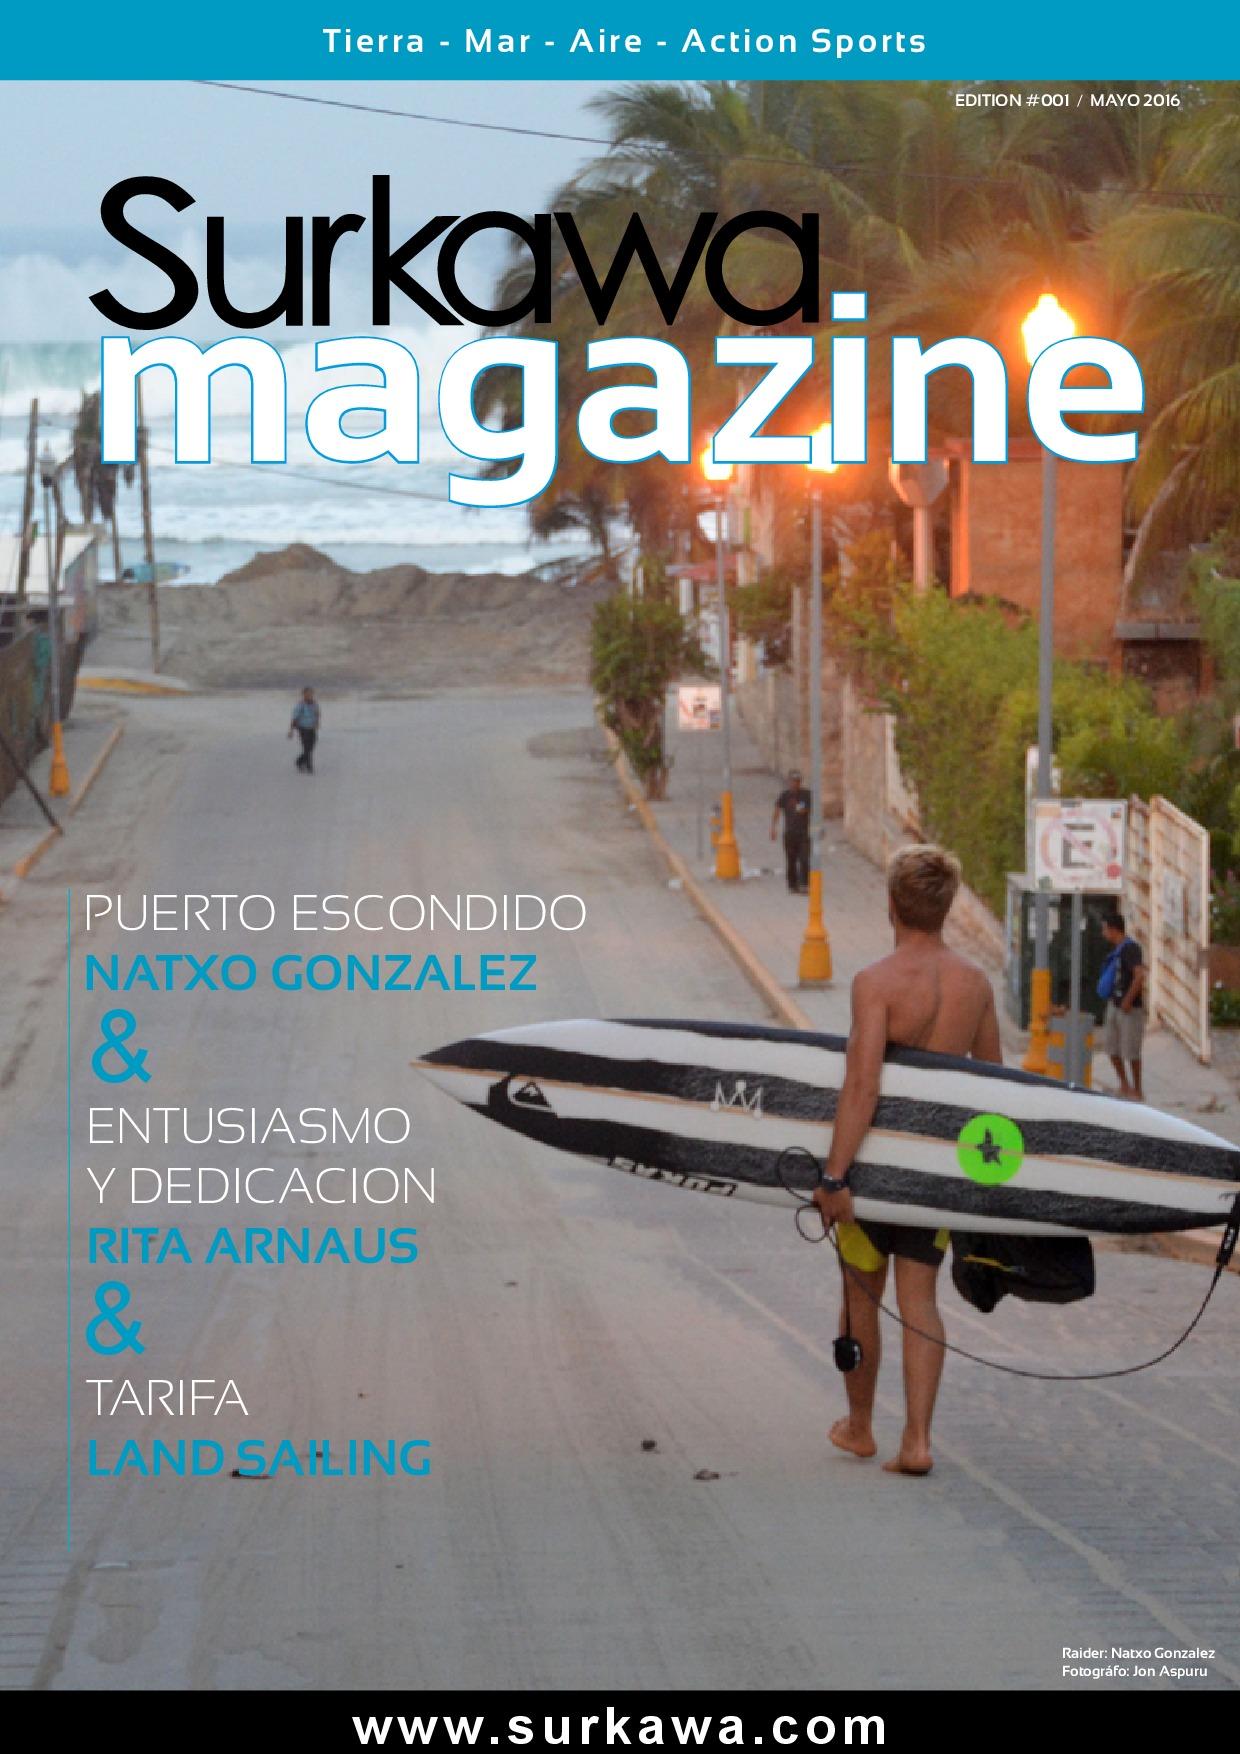 SURKAWA Magazine Action Sports - Tu guía sobre deportes extremos